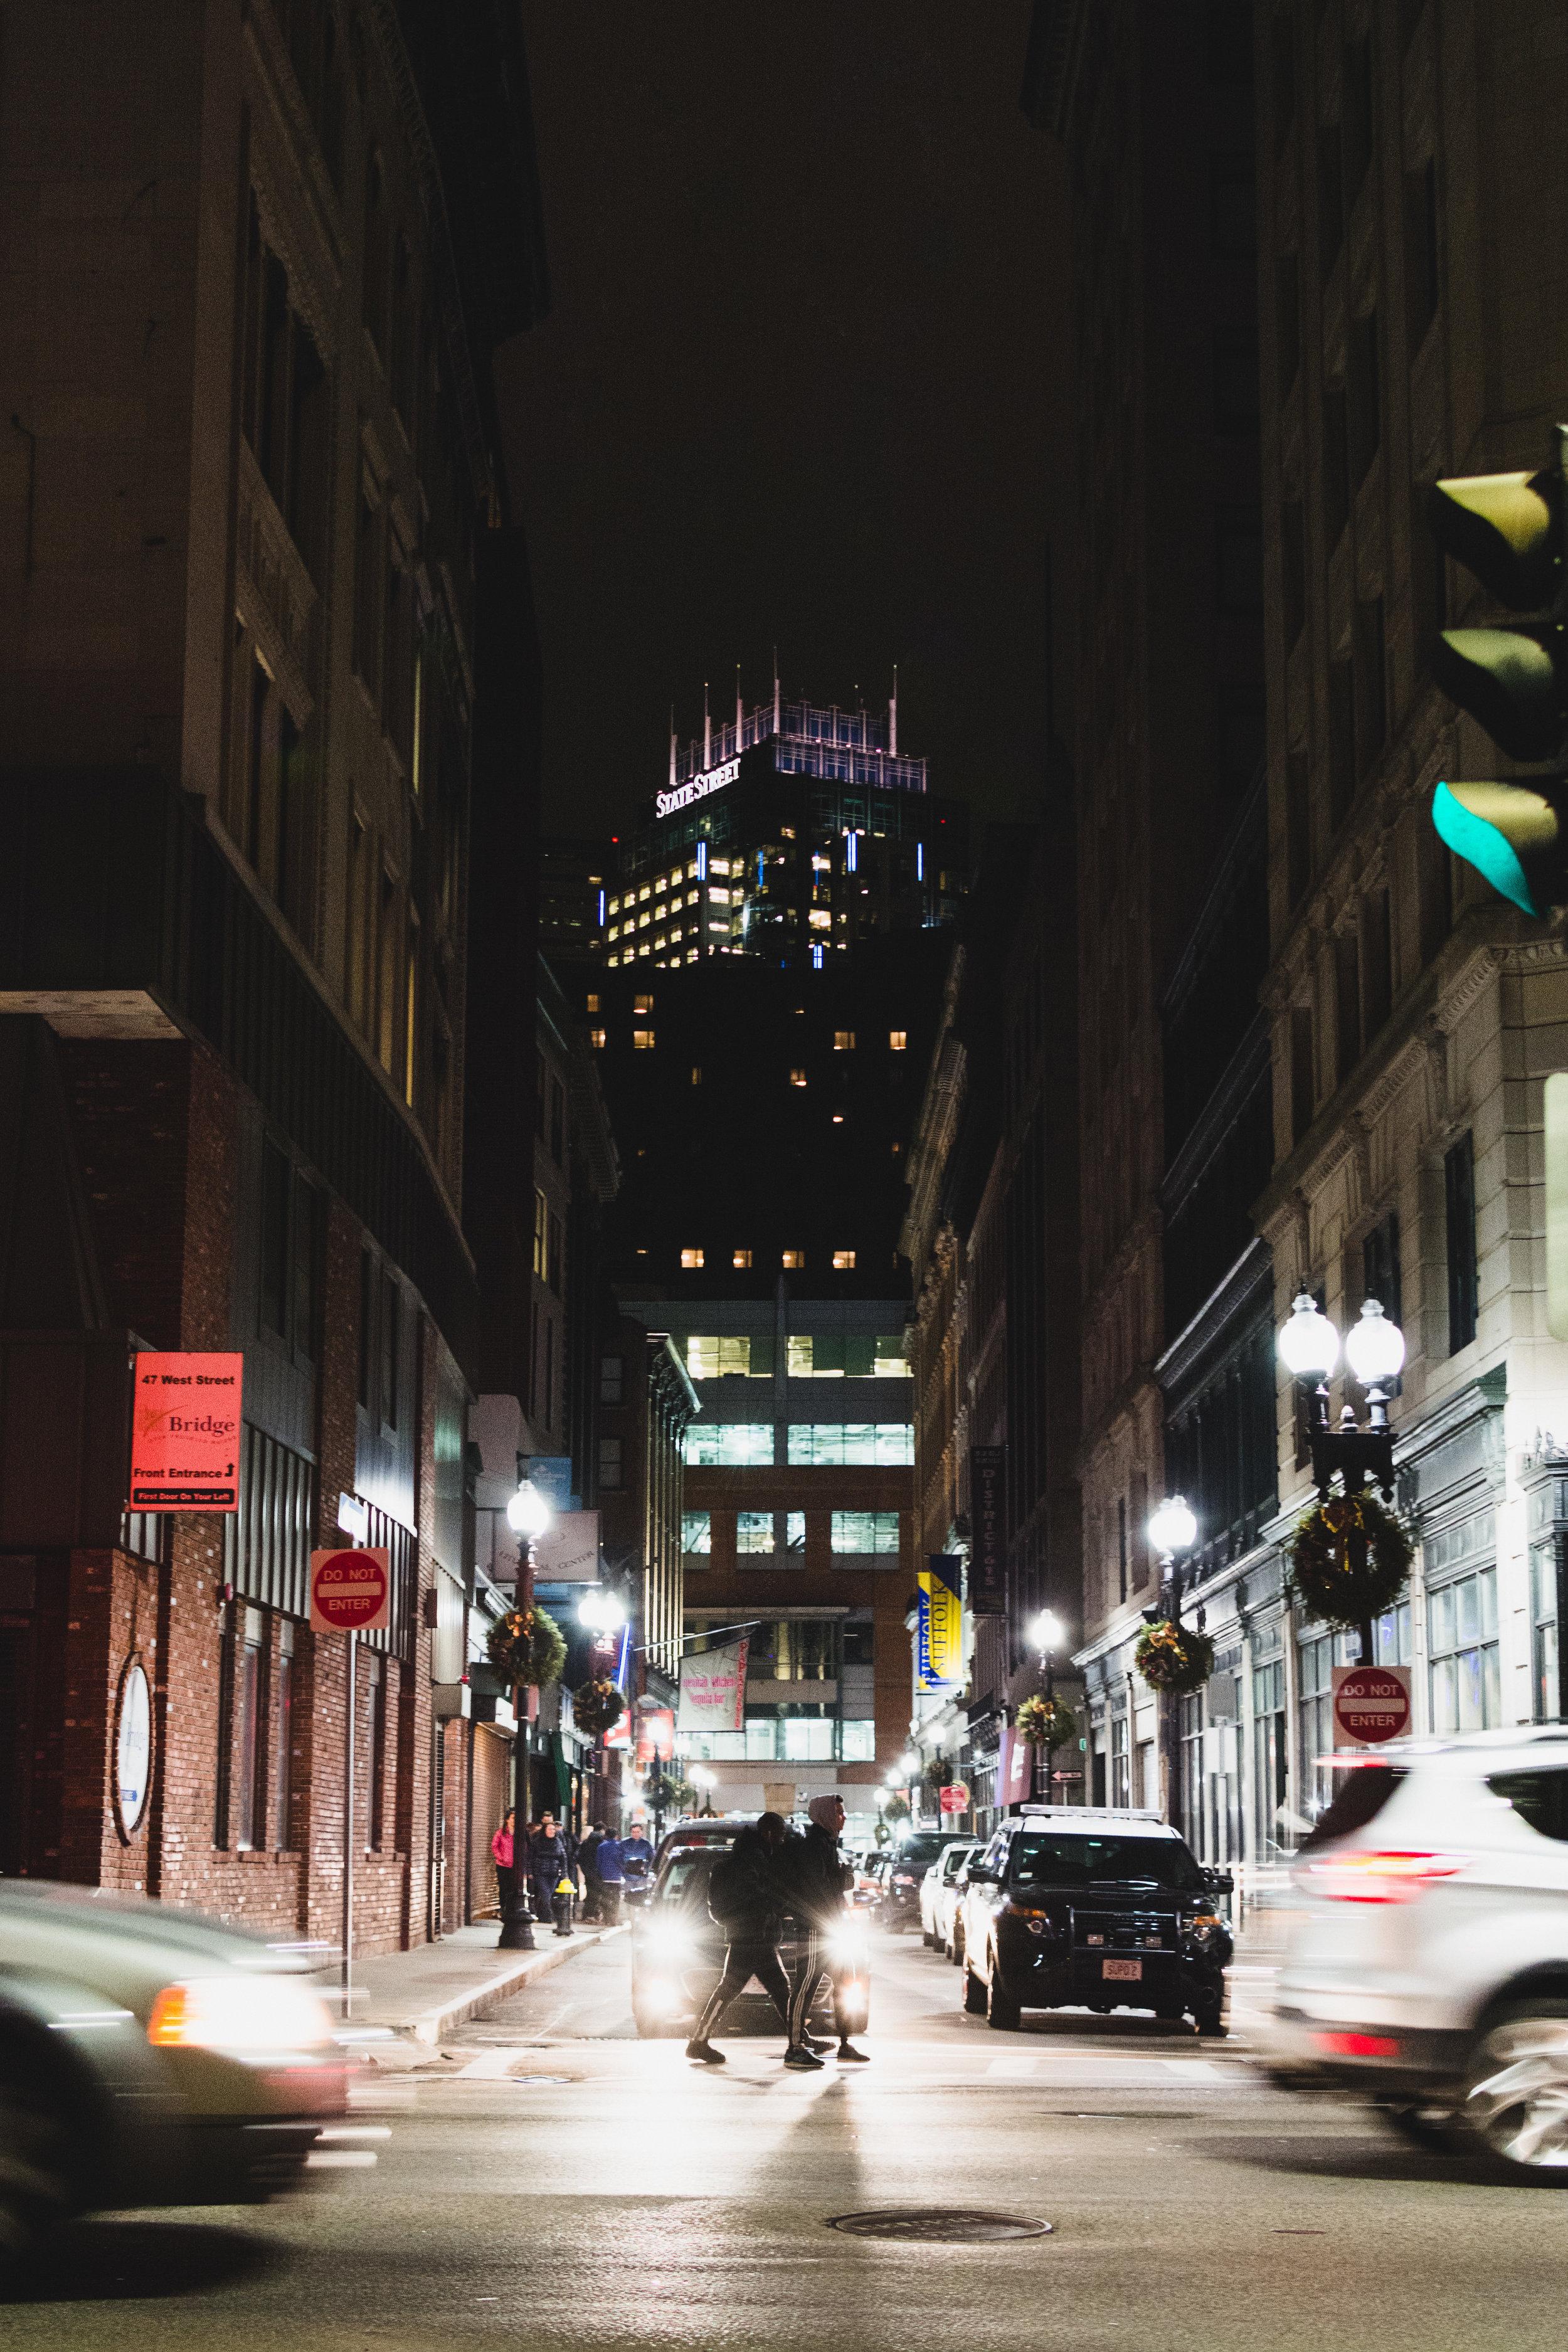 @alexhtang - Downtown Boston MA